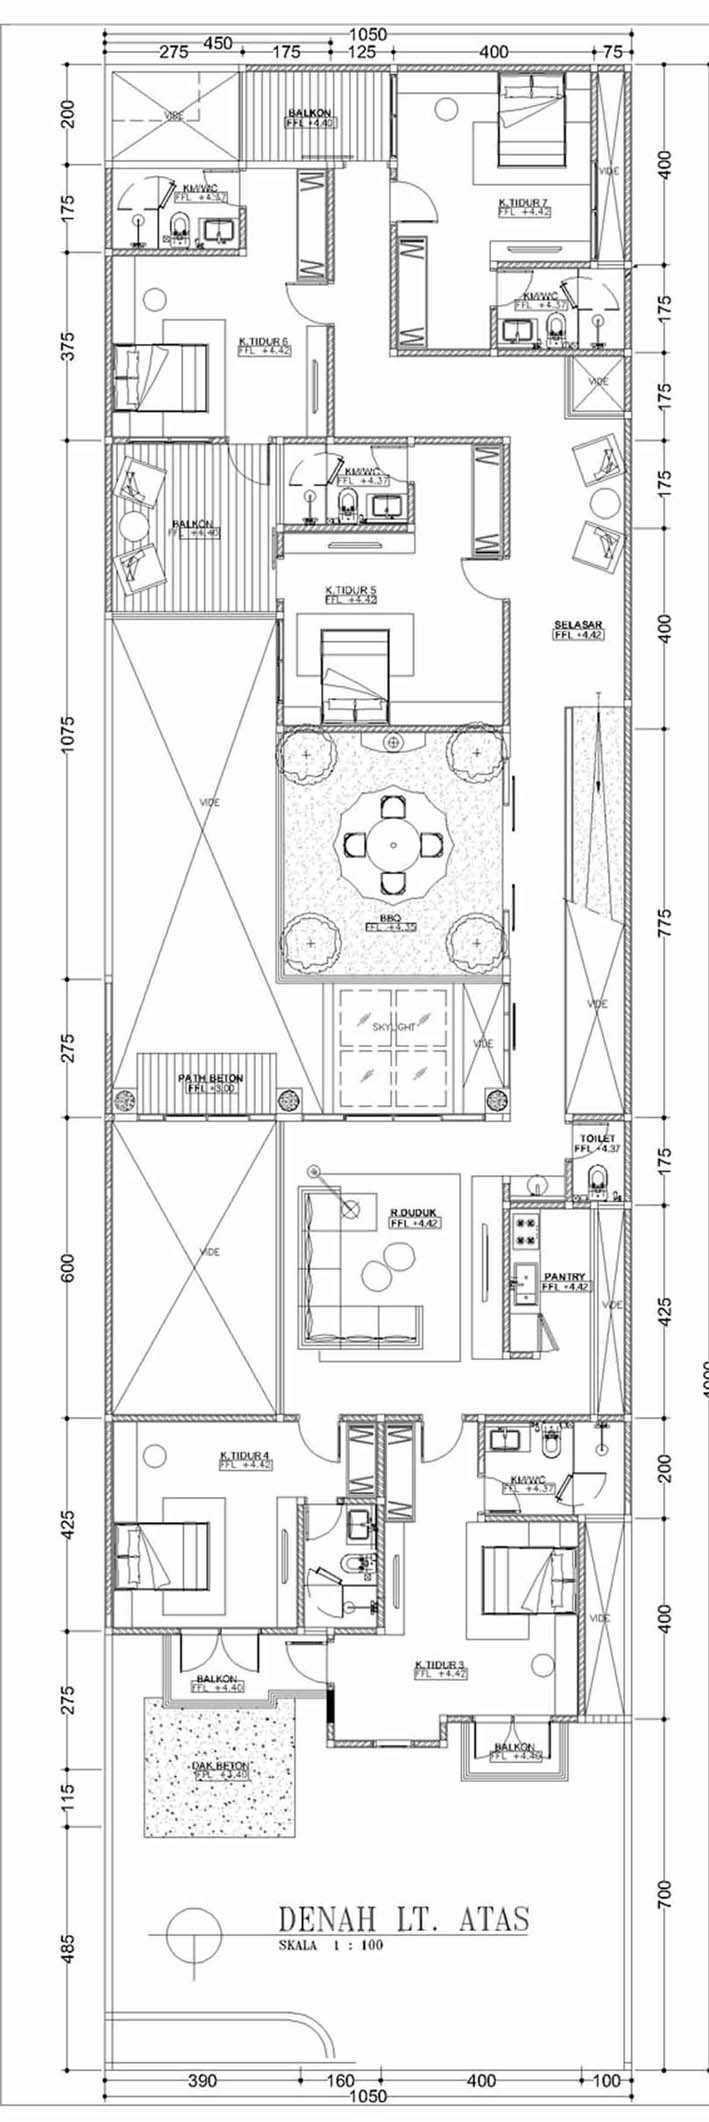 Alfaiz Design Rumah Klasik @ Tebet Kec. Tebet, Kota Jakarta Selatan, Daerah Khusus Ibukota Jakarta, Indonesia Kec. Tebet, Kota Jakarta Selatan, Daerah Khusus Ibukota Jakarta, Indonesia Alfaiz-Design-Rumah-Klasik-Tebet  101620